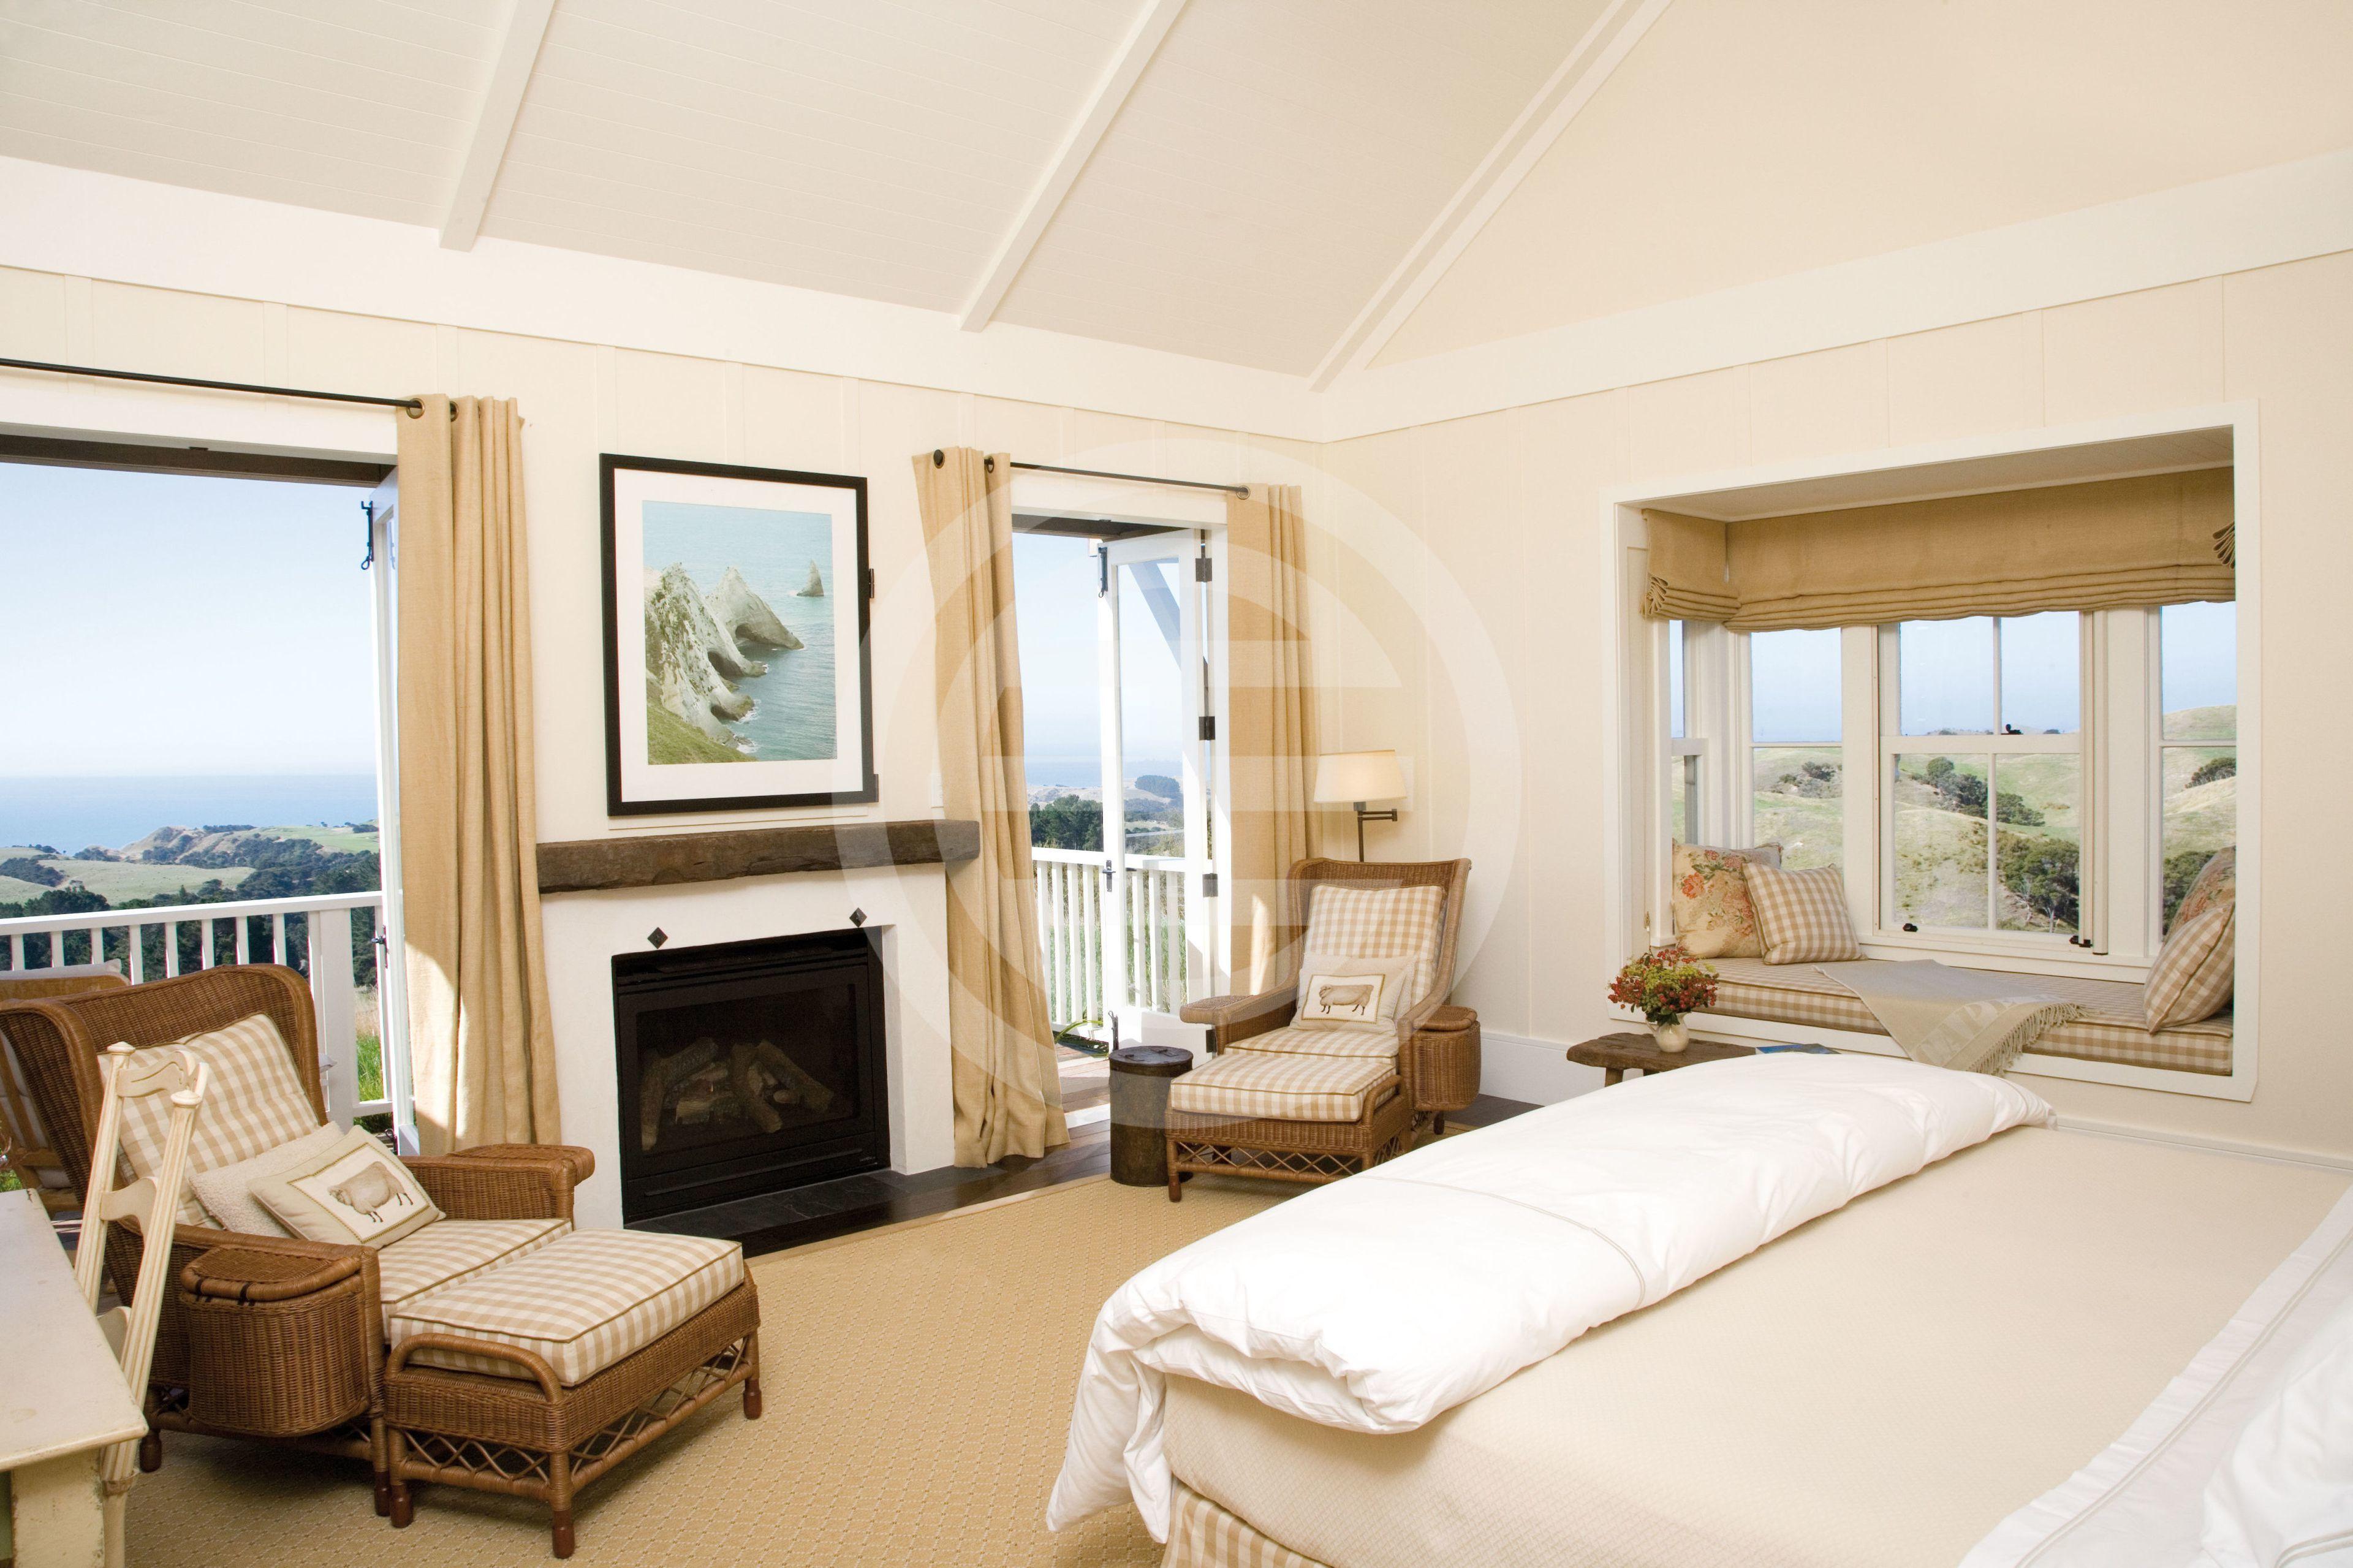 Cape Kidnappers的农场是亿万富翁朱利安·罗伯森在新西兰的三座豪华旅馆之一